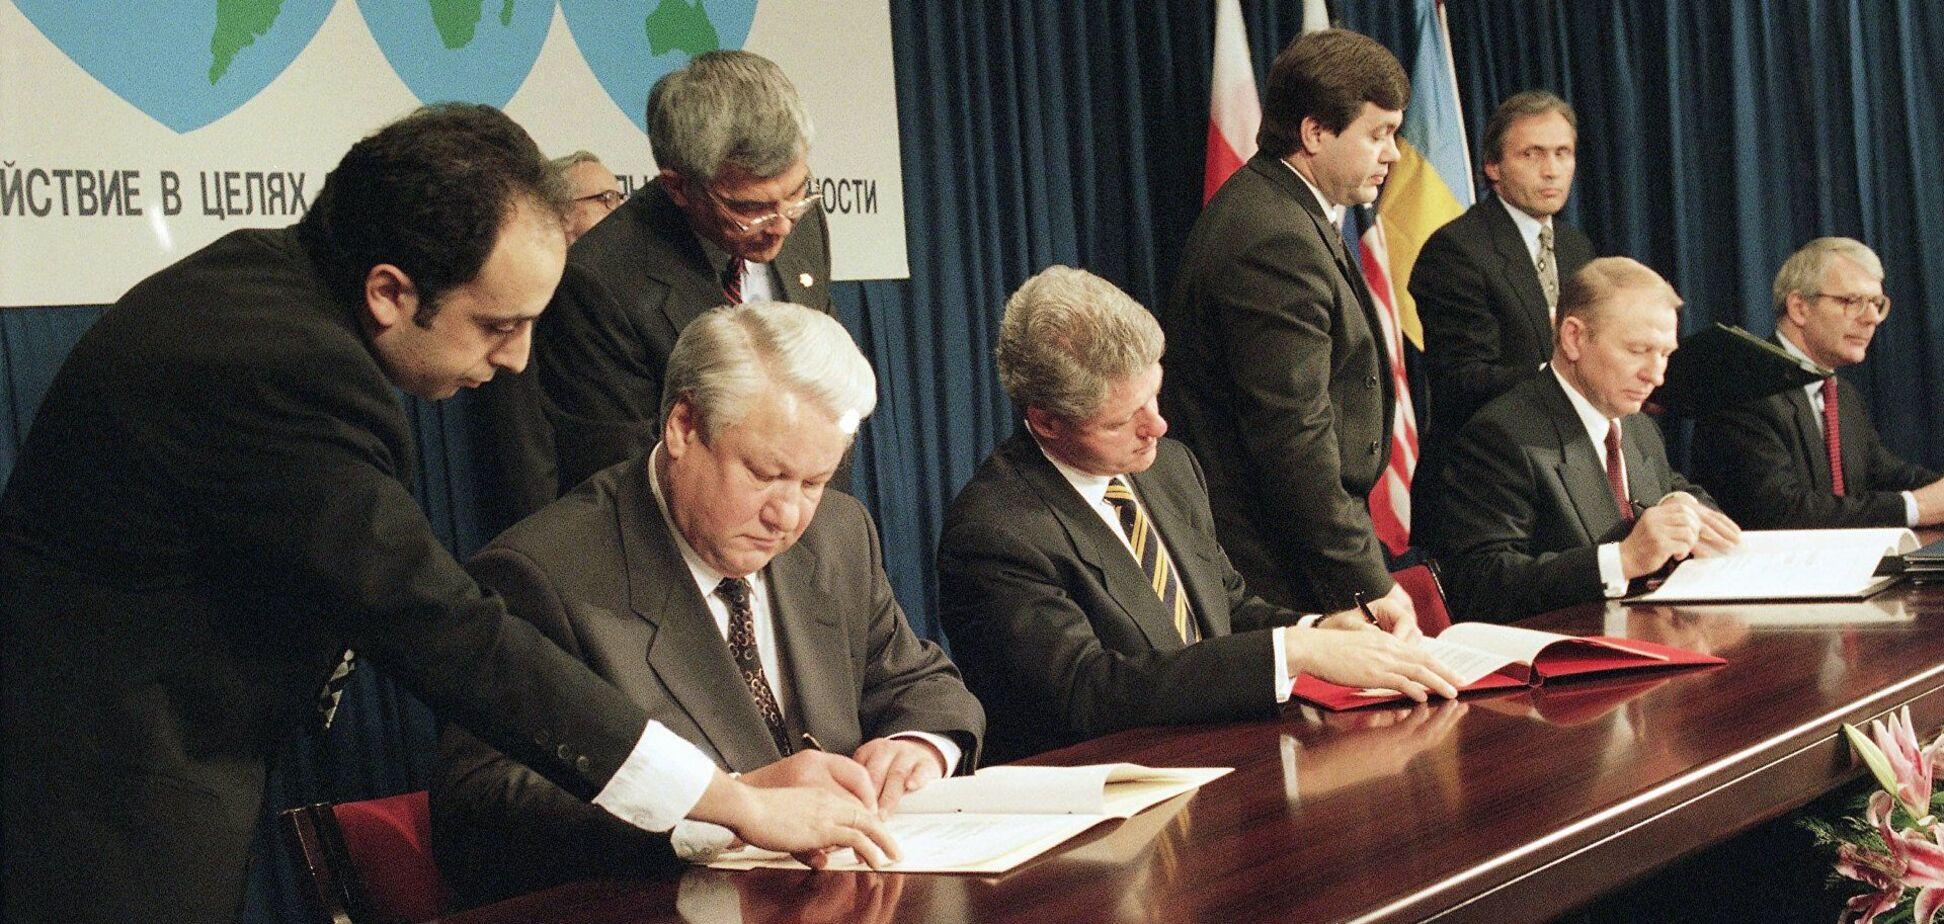 Подписание Будапештского меморандумао гарантиях безопасности для Украины